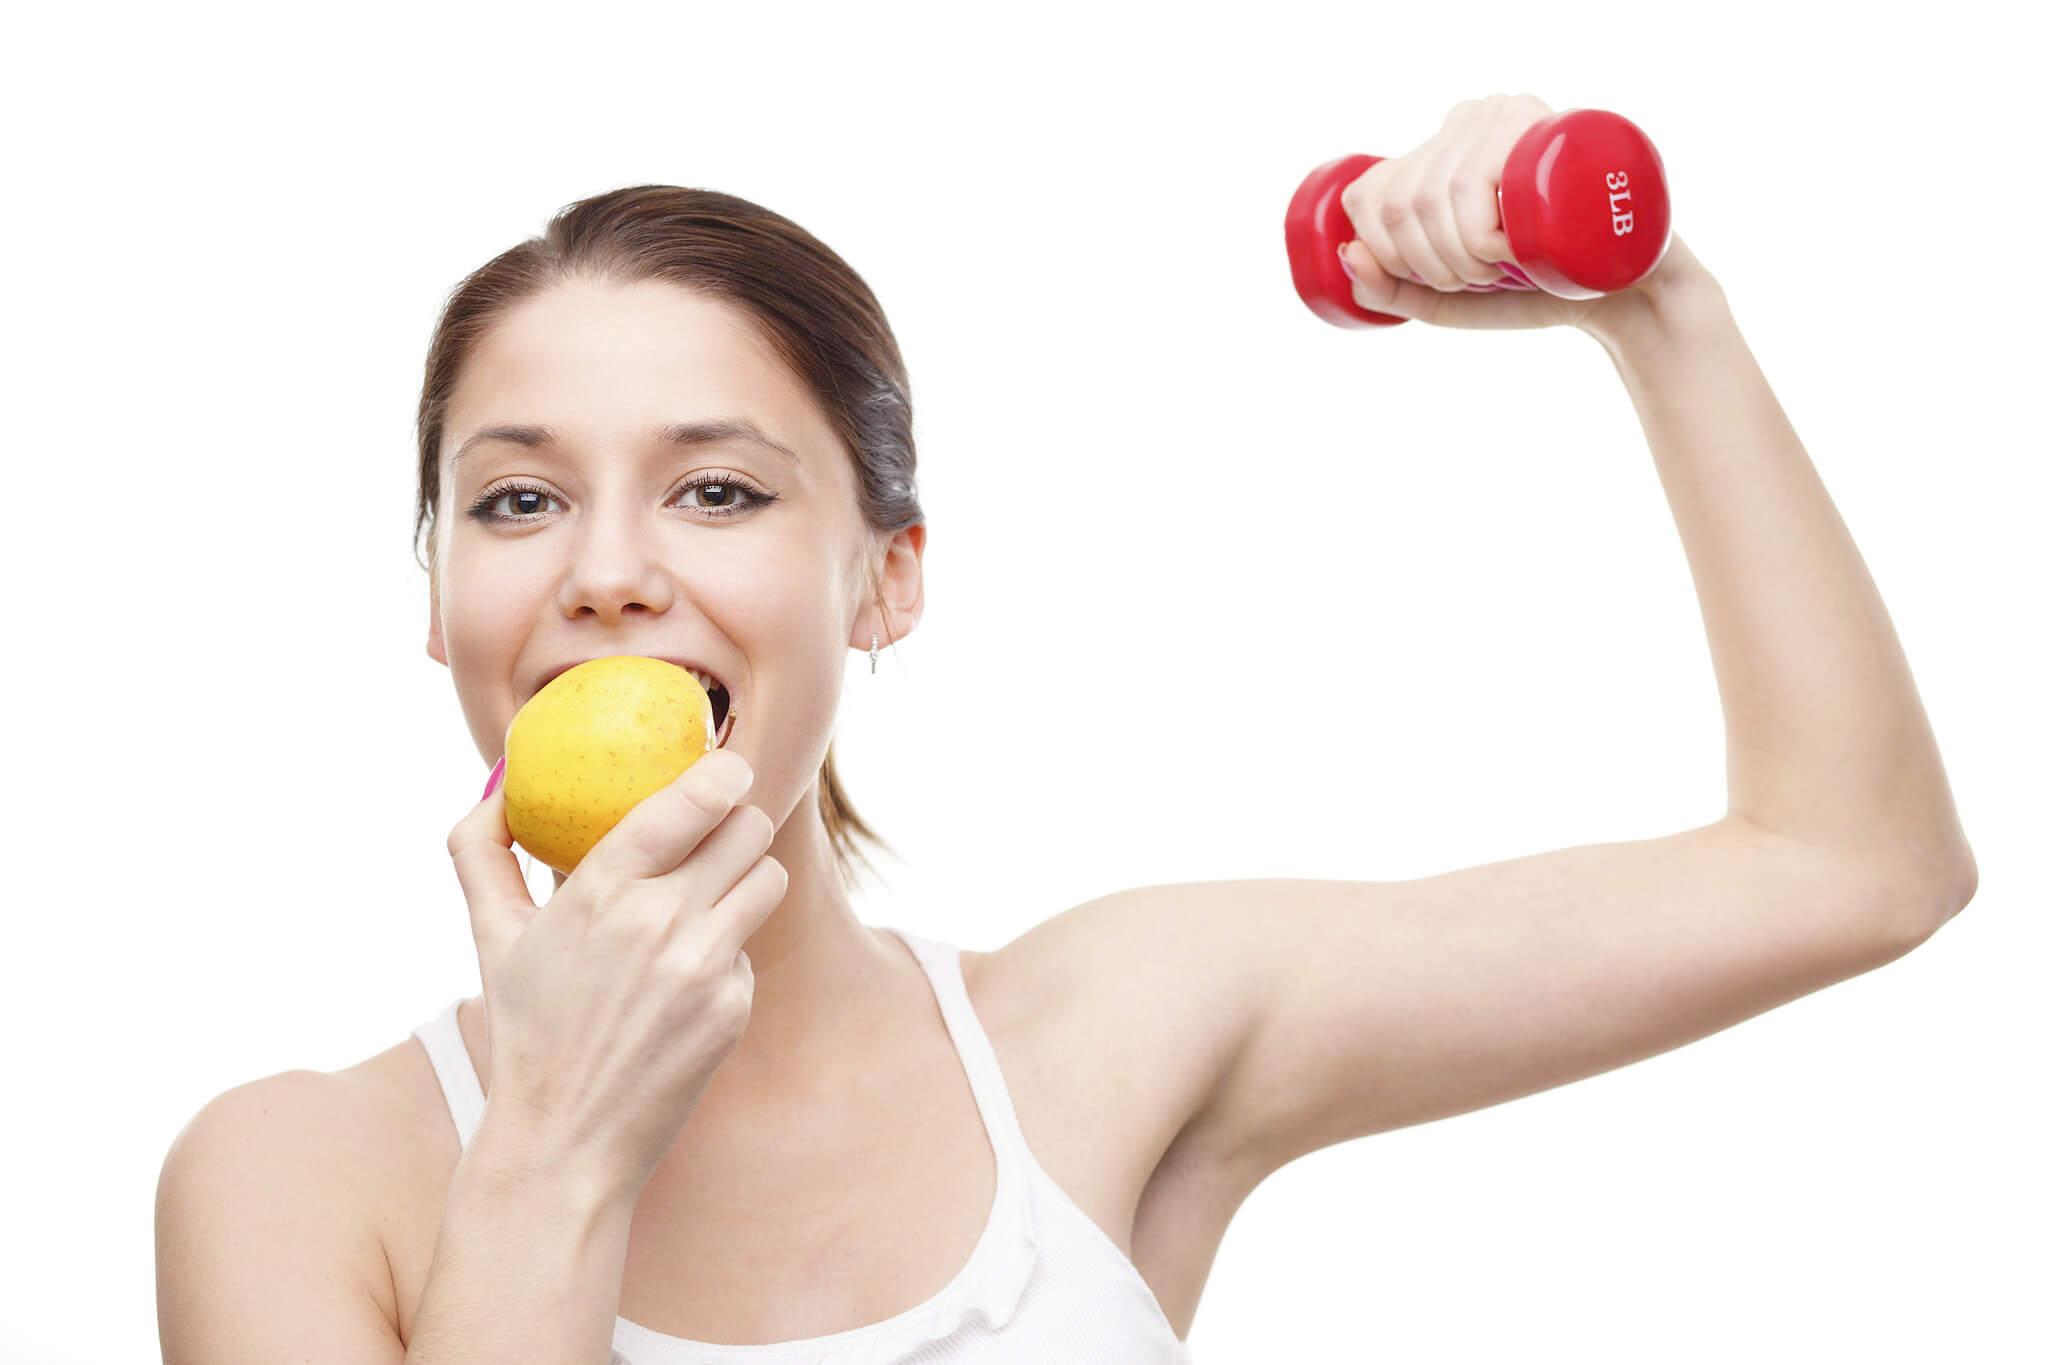 Chica comiendo una manzana